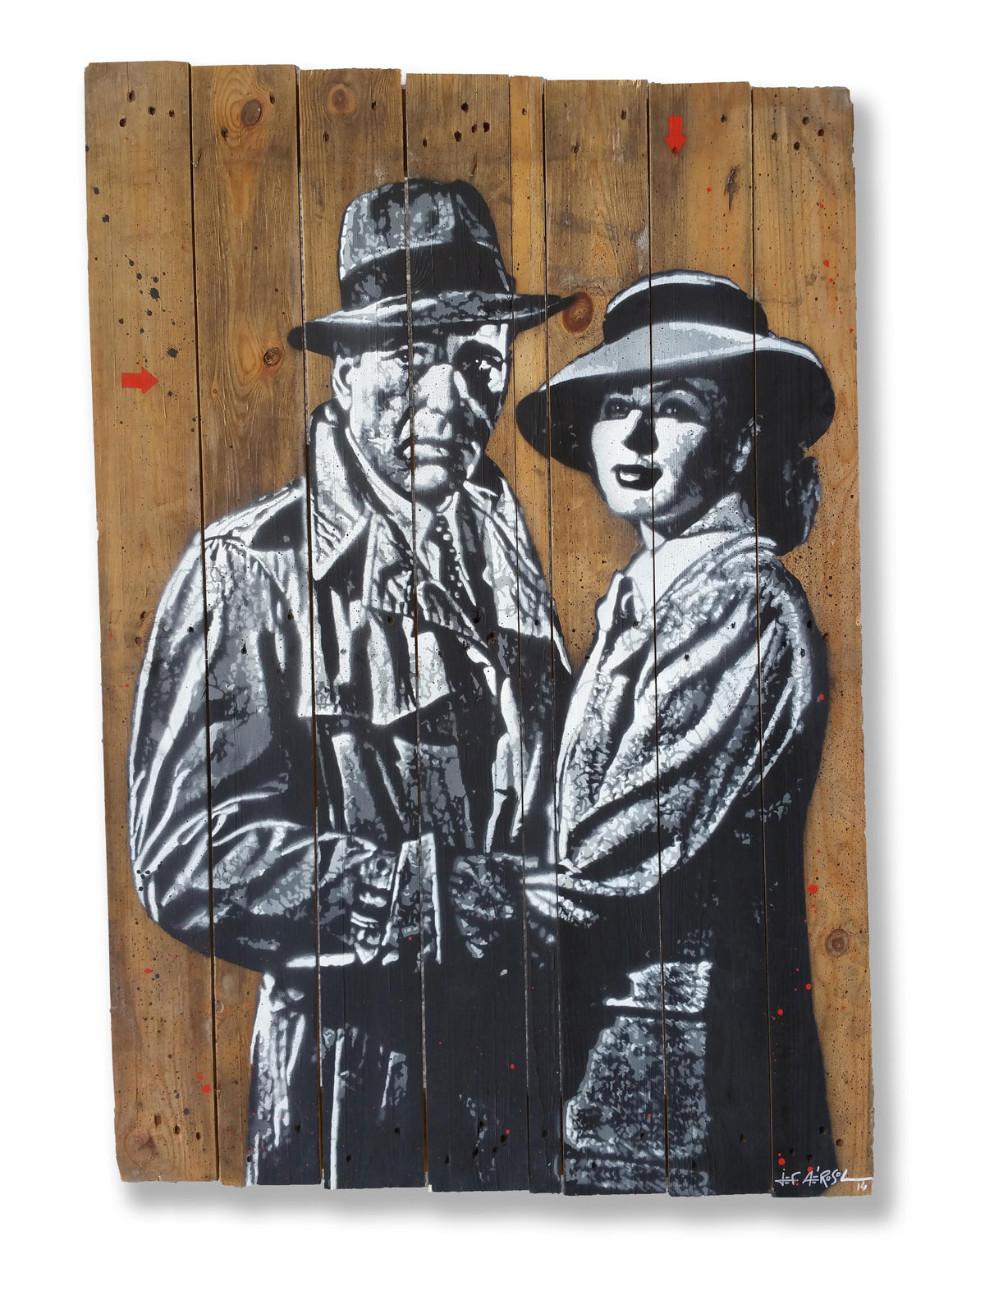 Jef Aérosol, Casablanca, 2014 - Aérosol et pochoir sur palissade en bois, 72 x 102 cm Collection privée, Paris